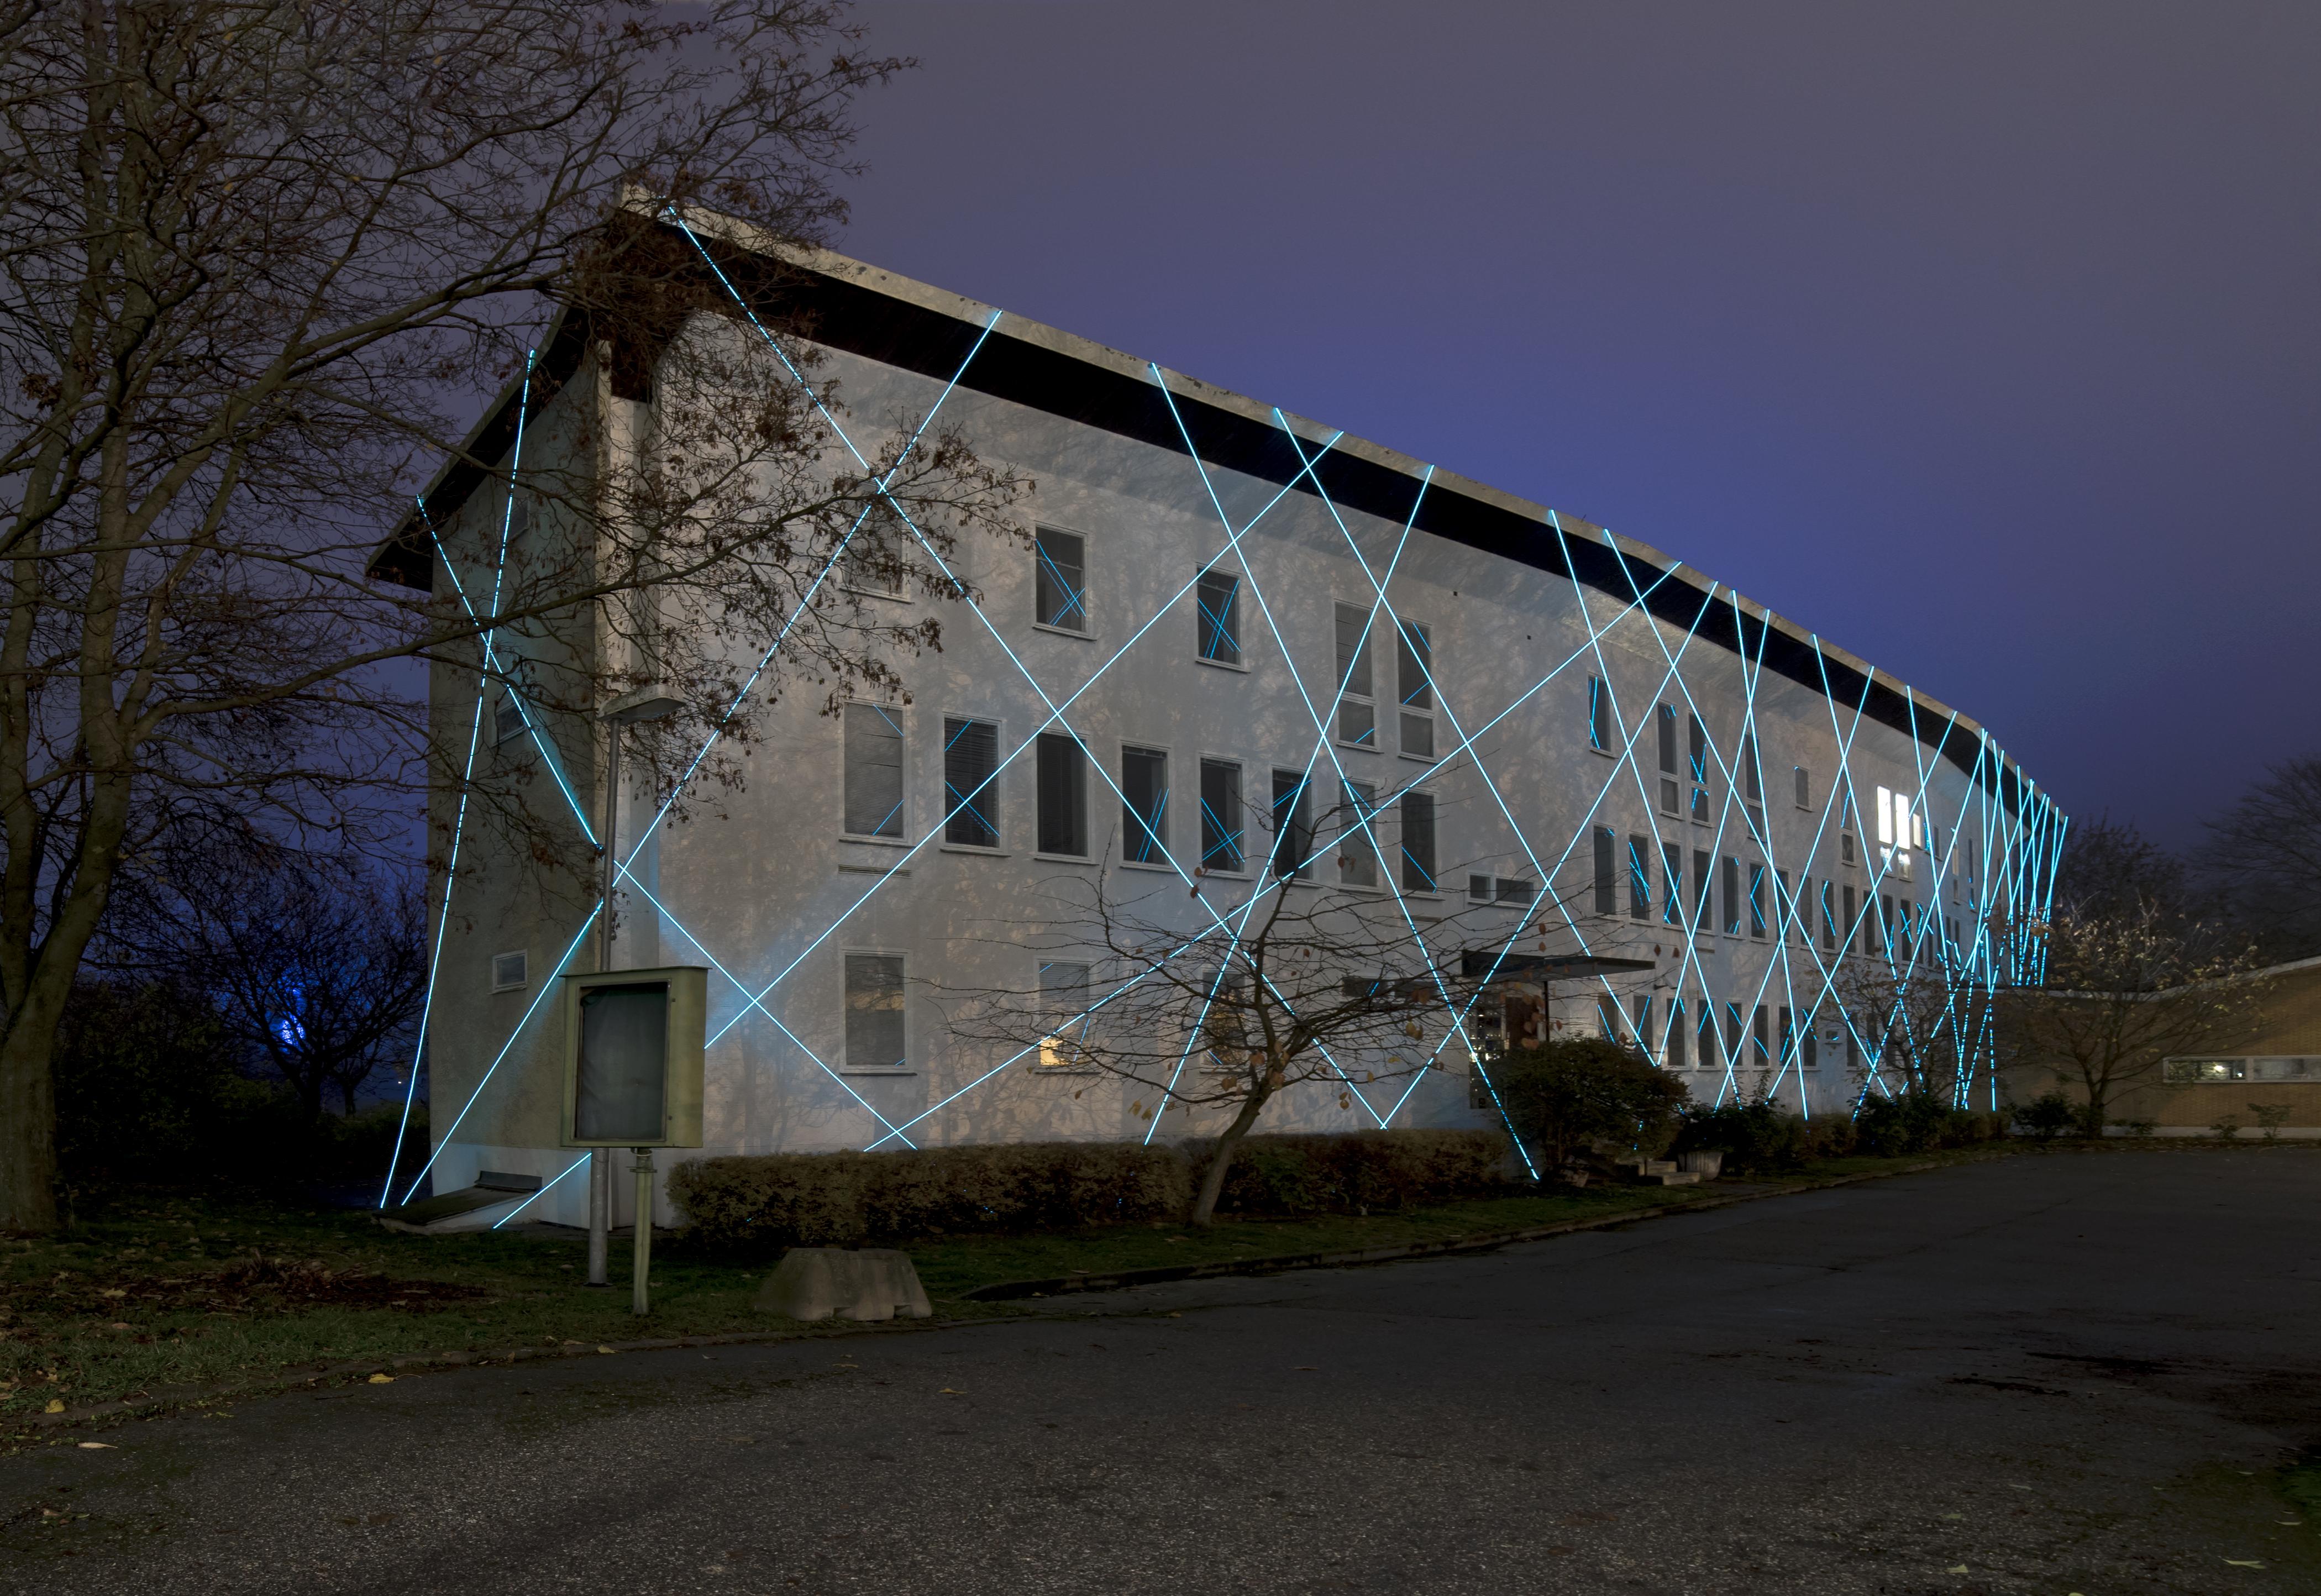 Bianco Valente all'Istituto Italiano di Cultura di Stoccolma